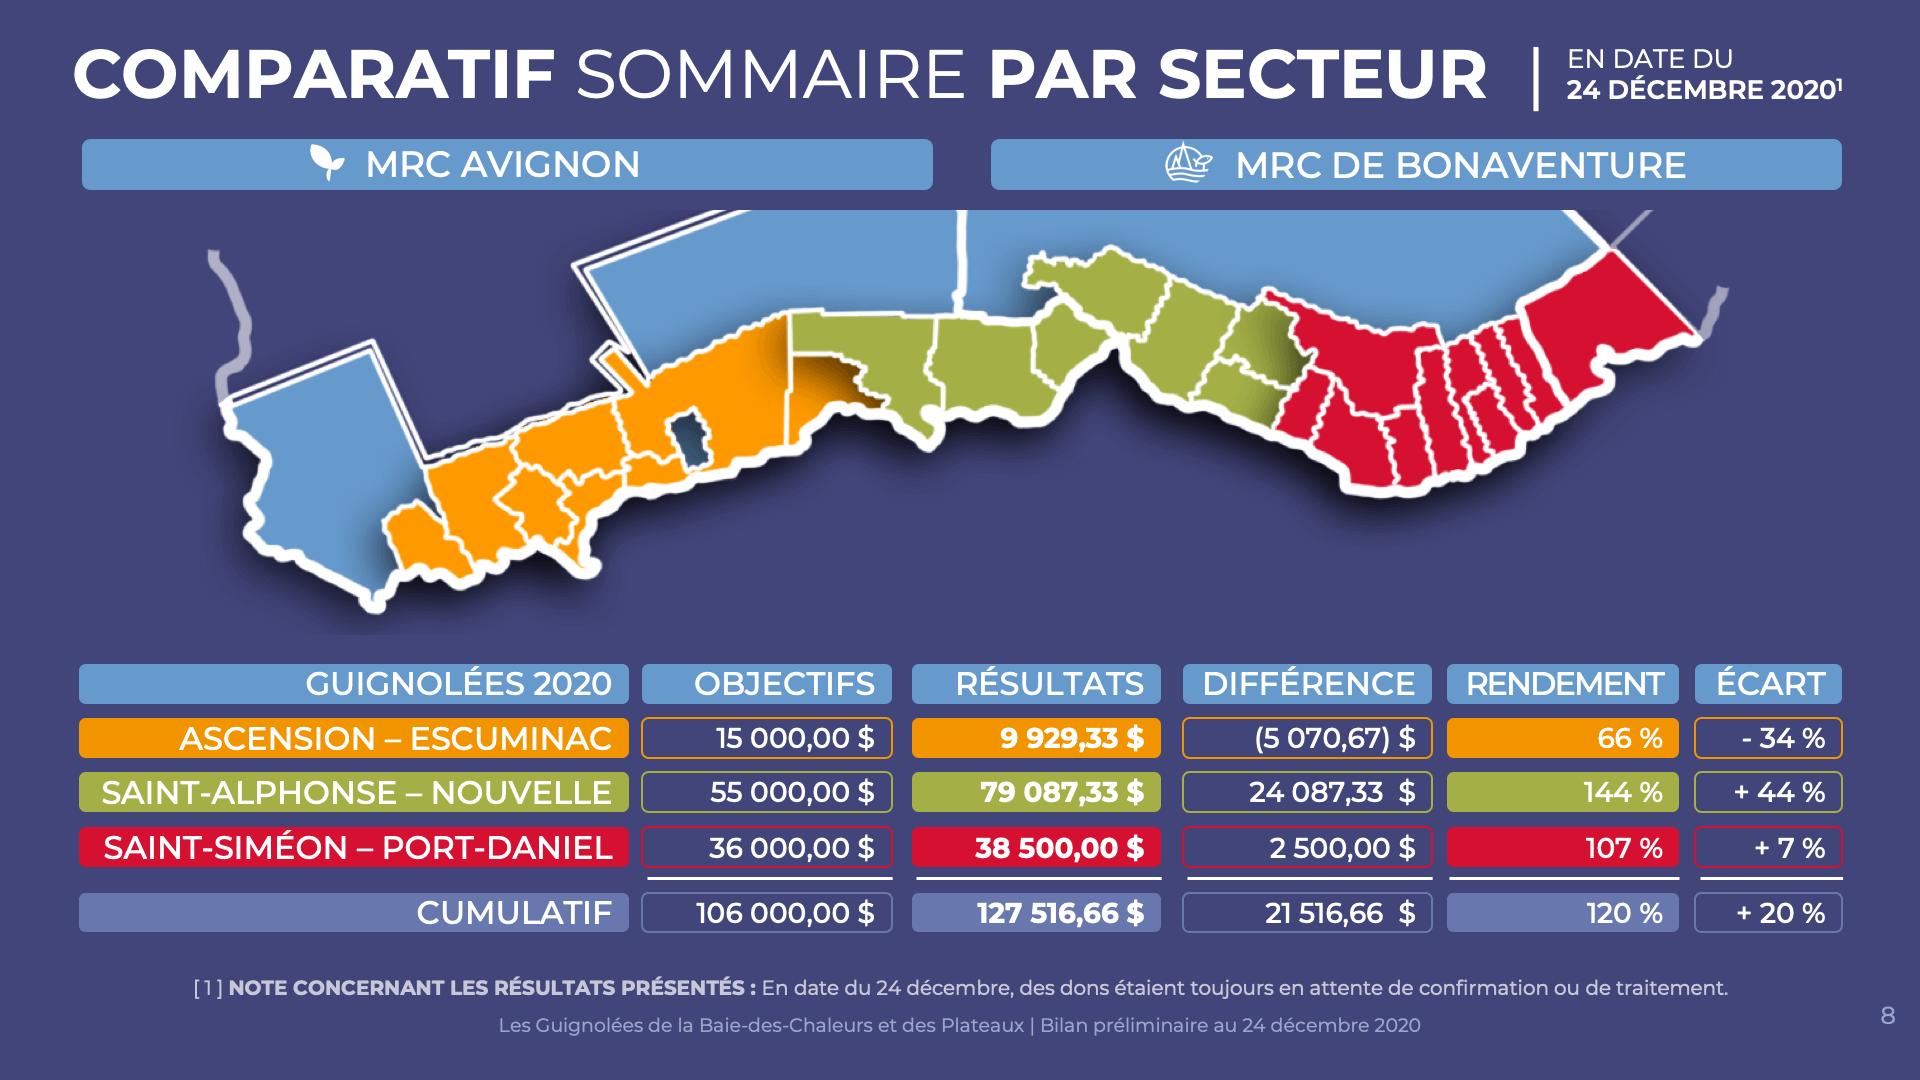 Comparatif sommaire par secteur | 24 décembre 2020